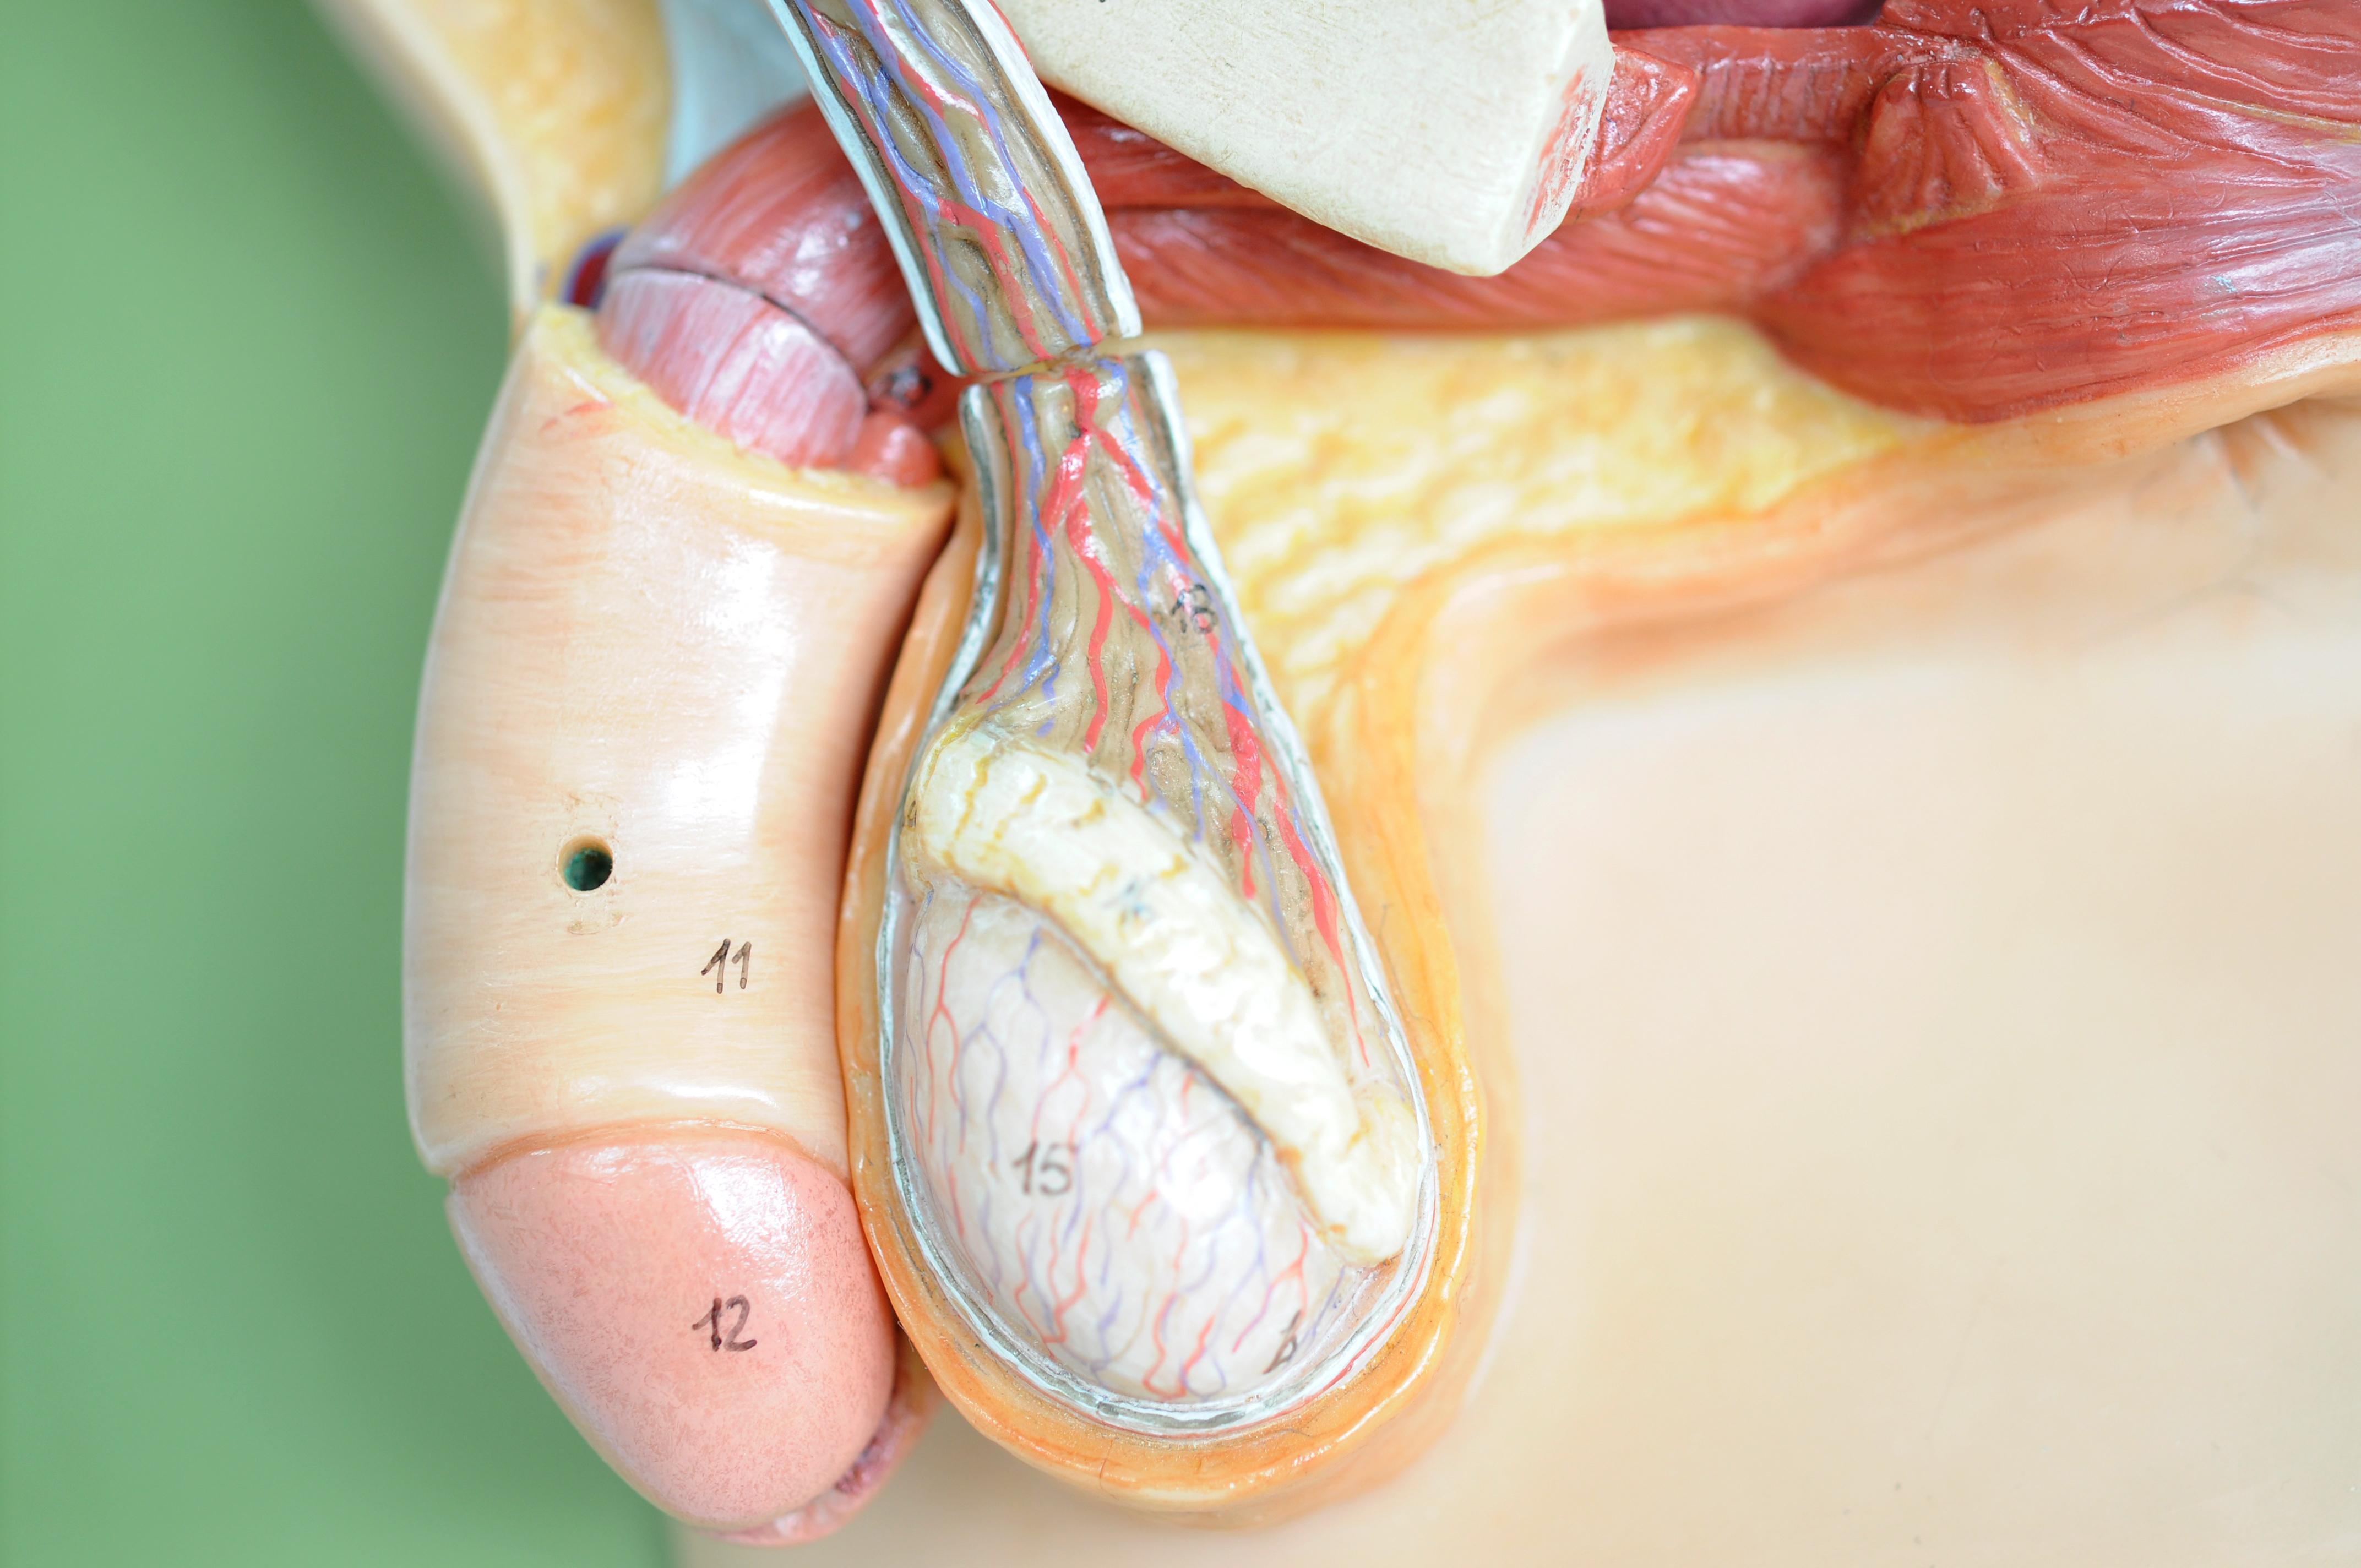 Klinefelters syndrom innebär att testiklarna slutar växa i puberteten.